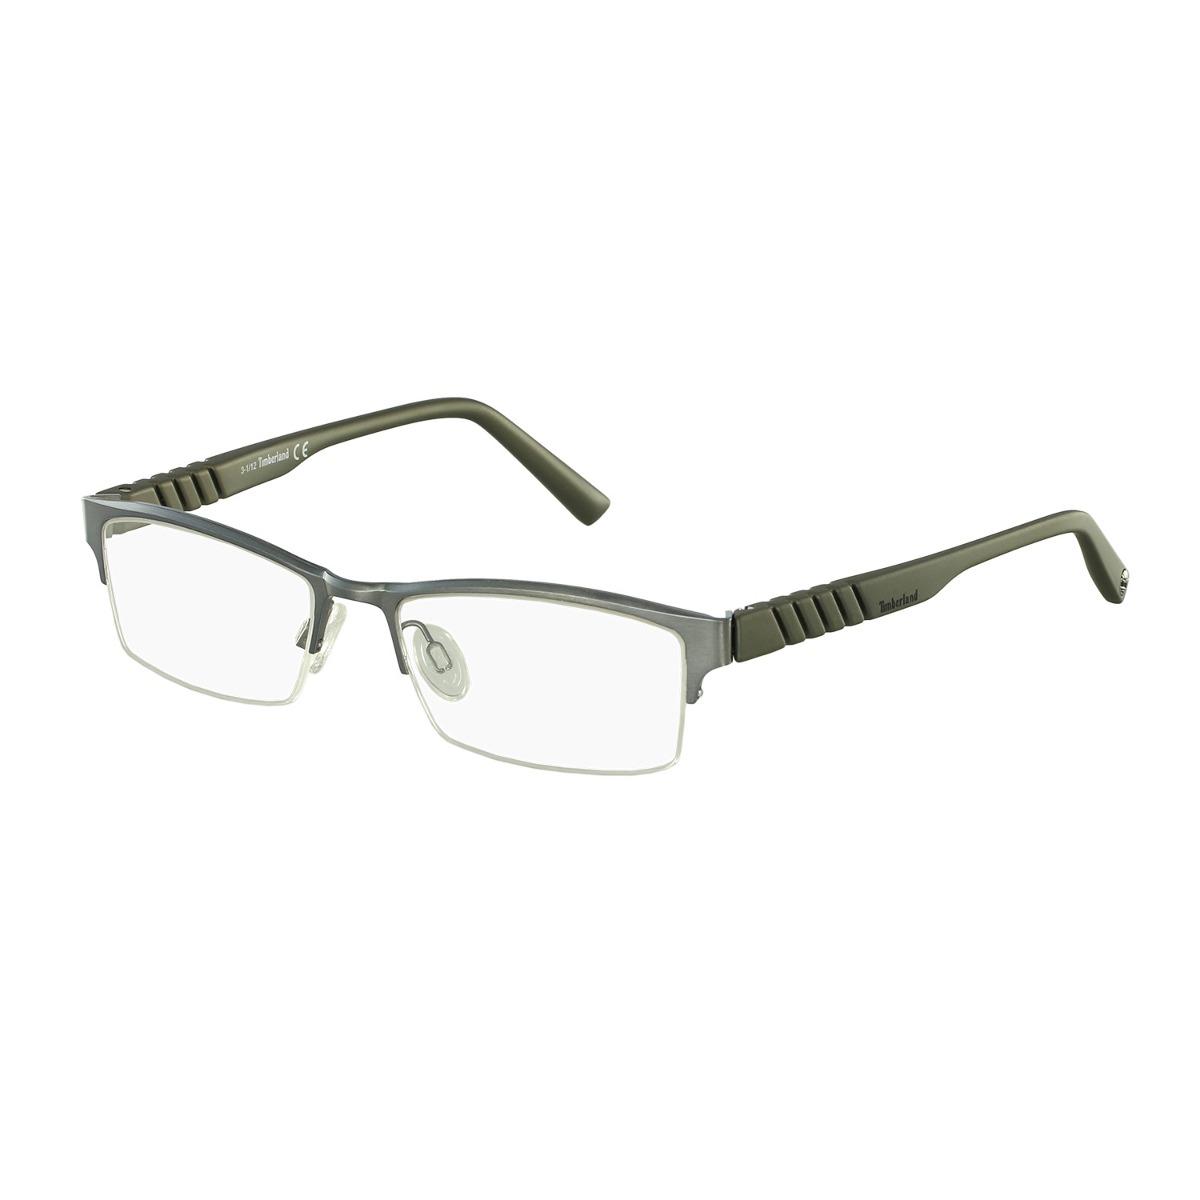 Óculos De Grau Timberland Casual Prata Tb1255 54090 - R  279,00 em ... 968912c31a